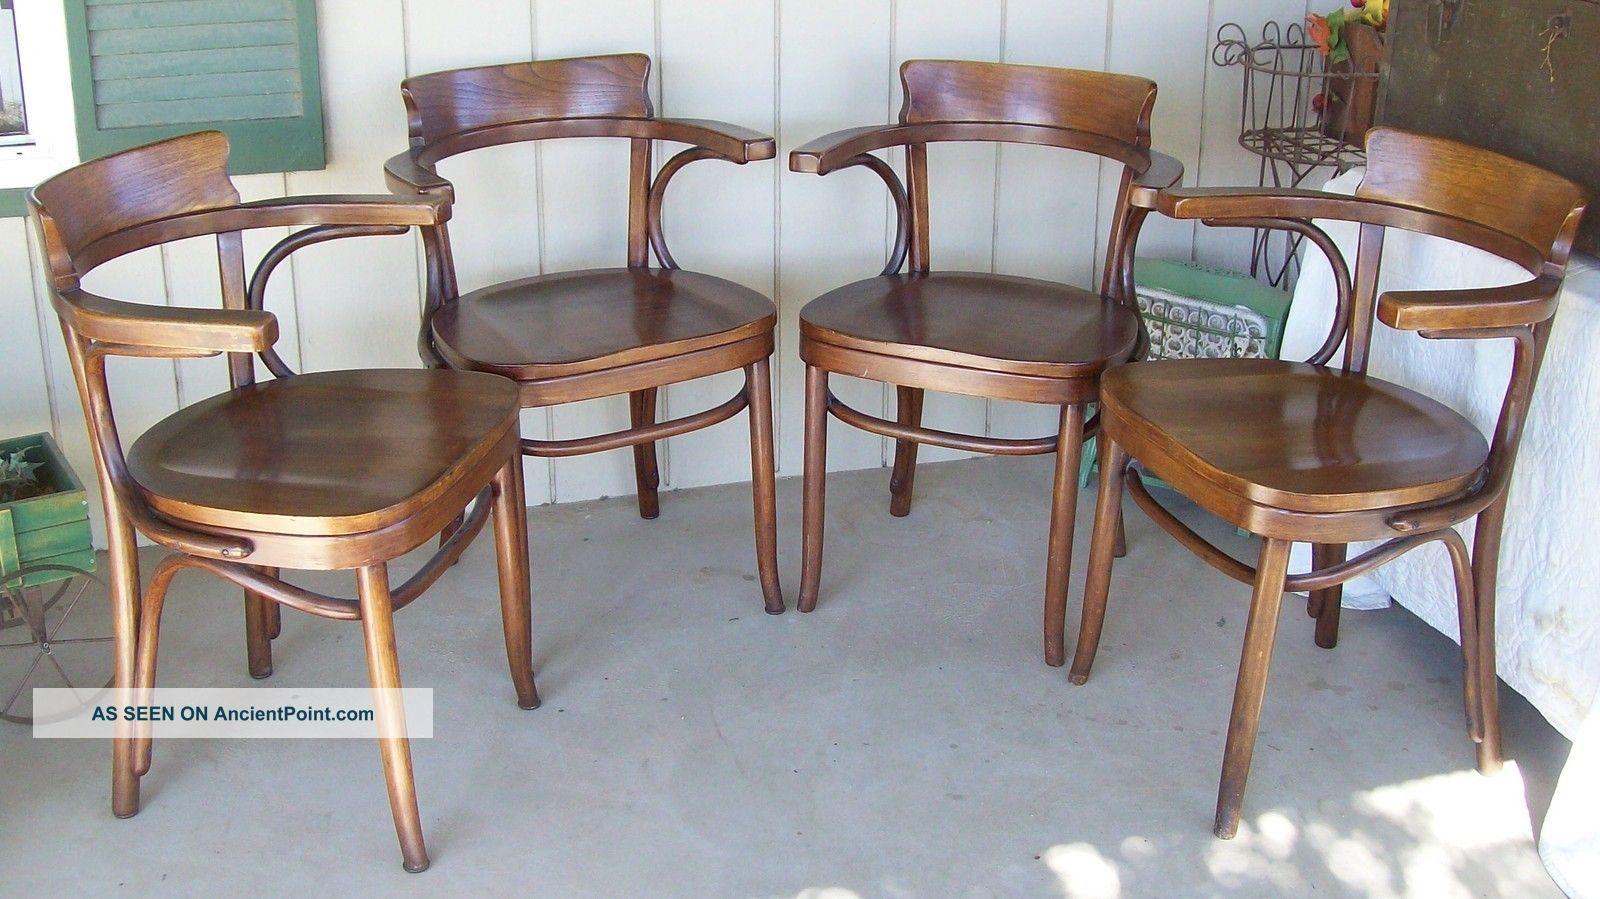 Vintage bentwood chairs - 17 B Sta Bilder Om Thonet P Pinterest Vienna Stolar Och Industriella Revolutionen